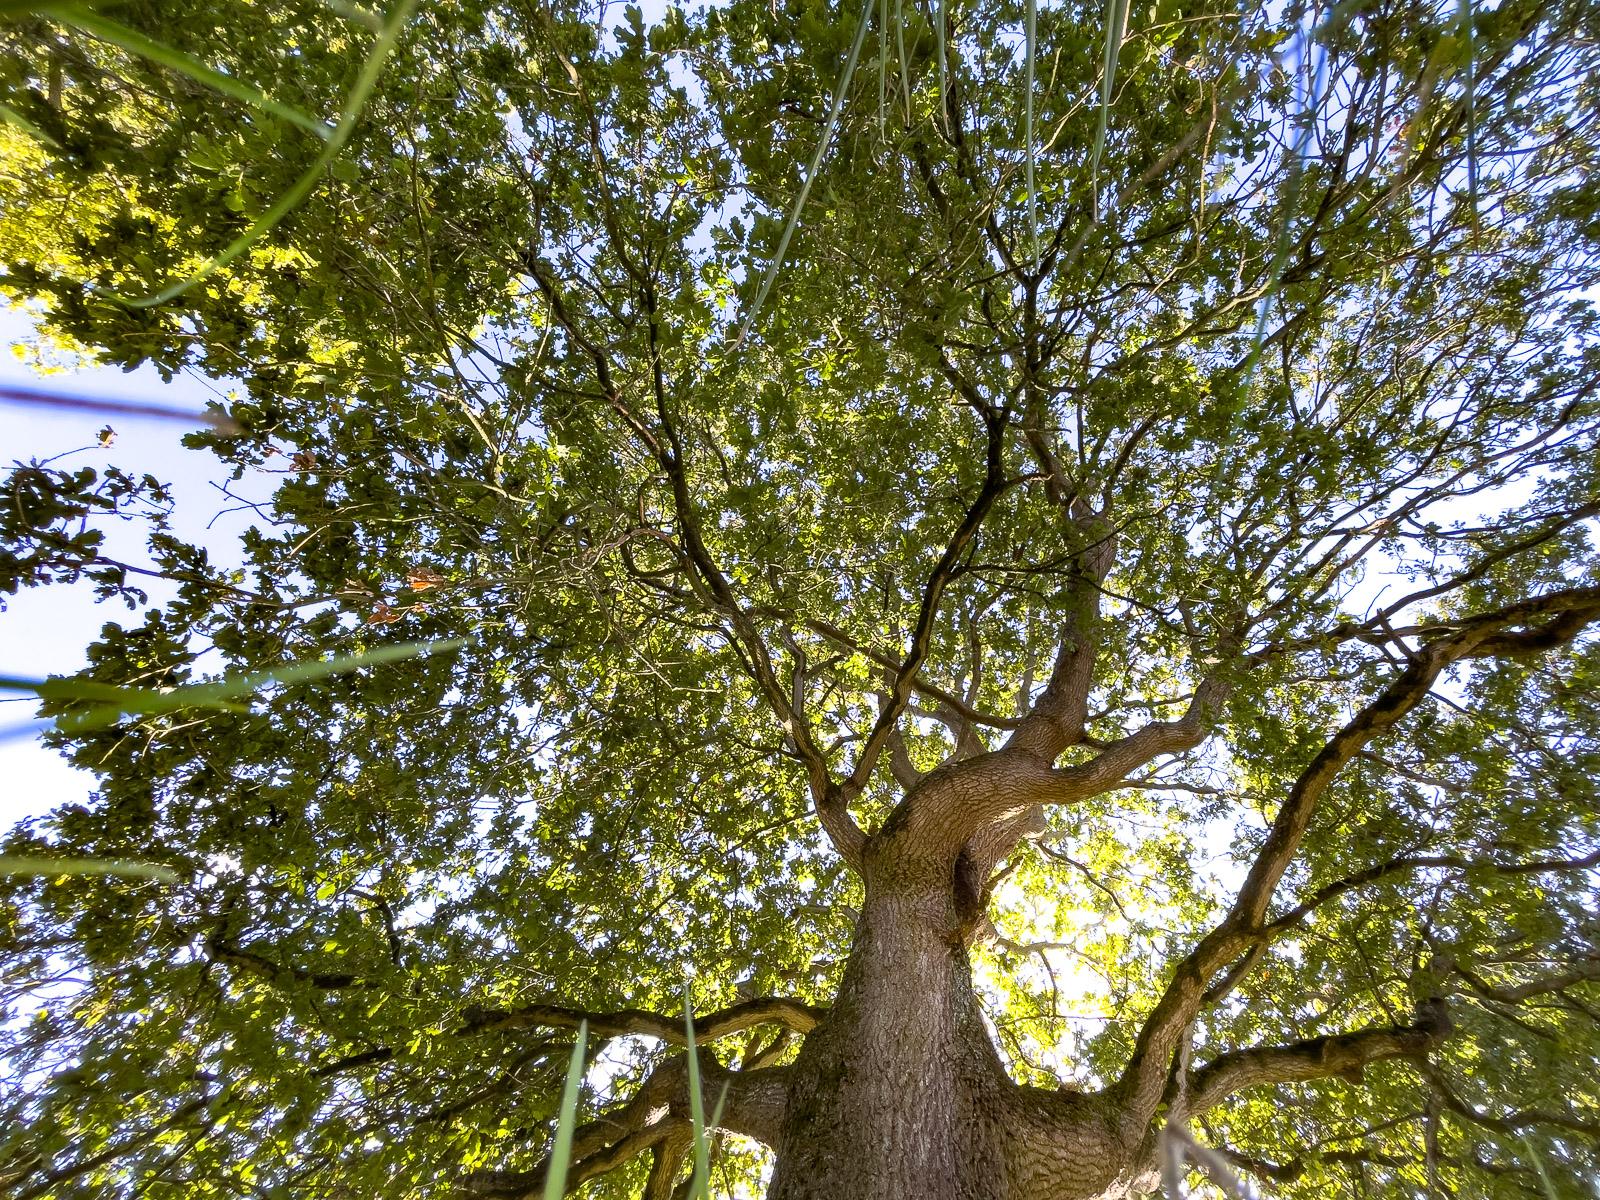 Up the Oak - Westhay Moor, Somerset, UK. ID IMG_5823